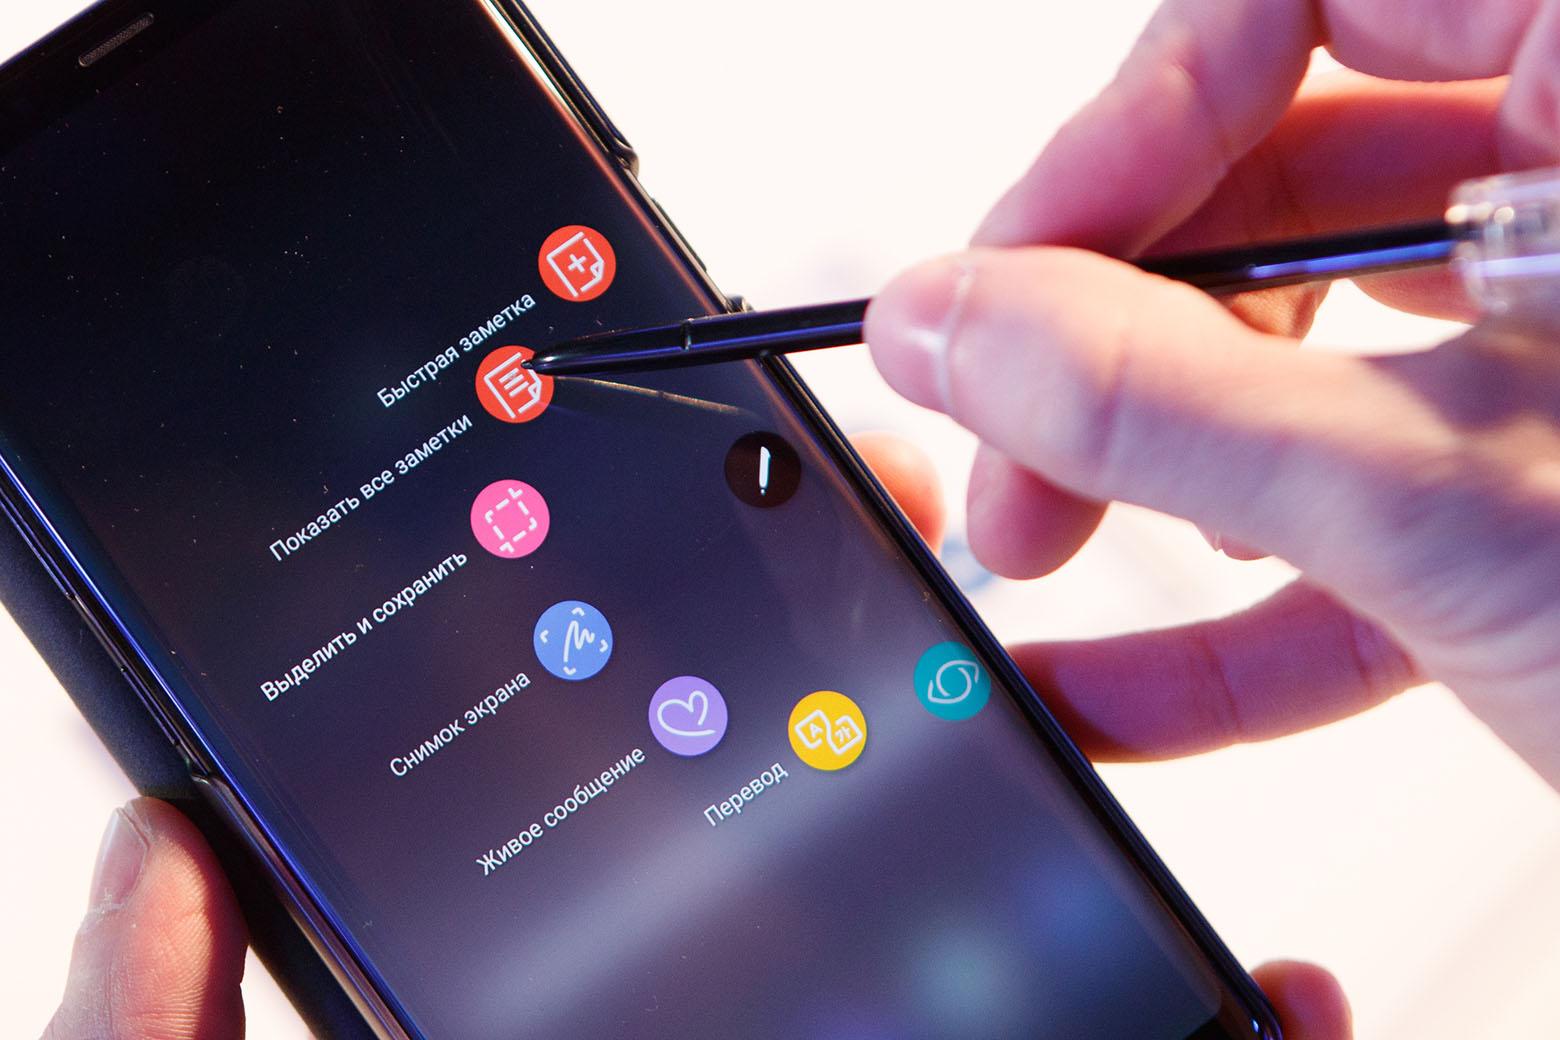 У электронного пера S Pen более тонкий наконечник и более высокая чувствительность к силе нажатия.